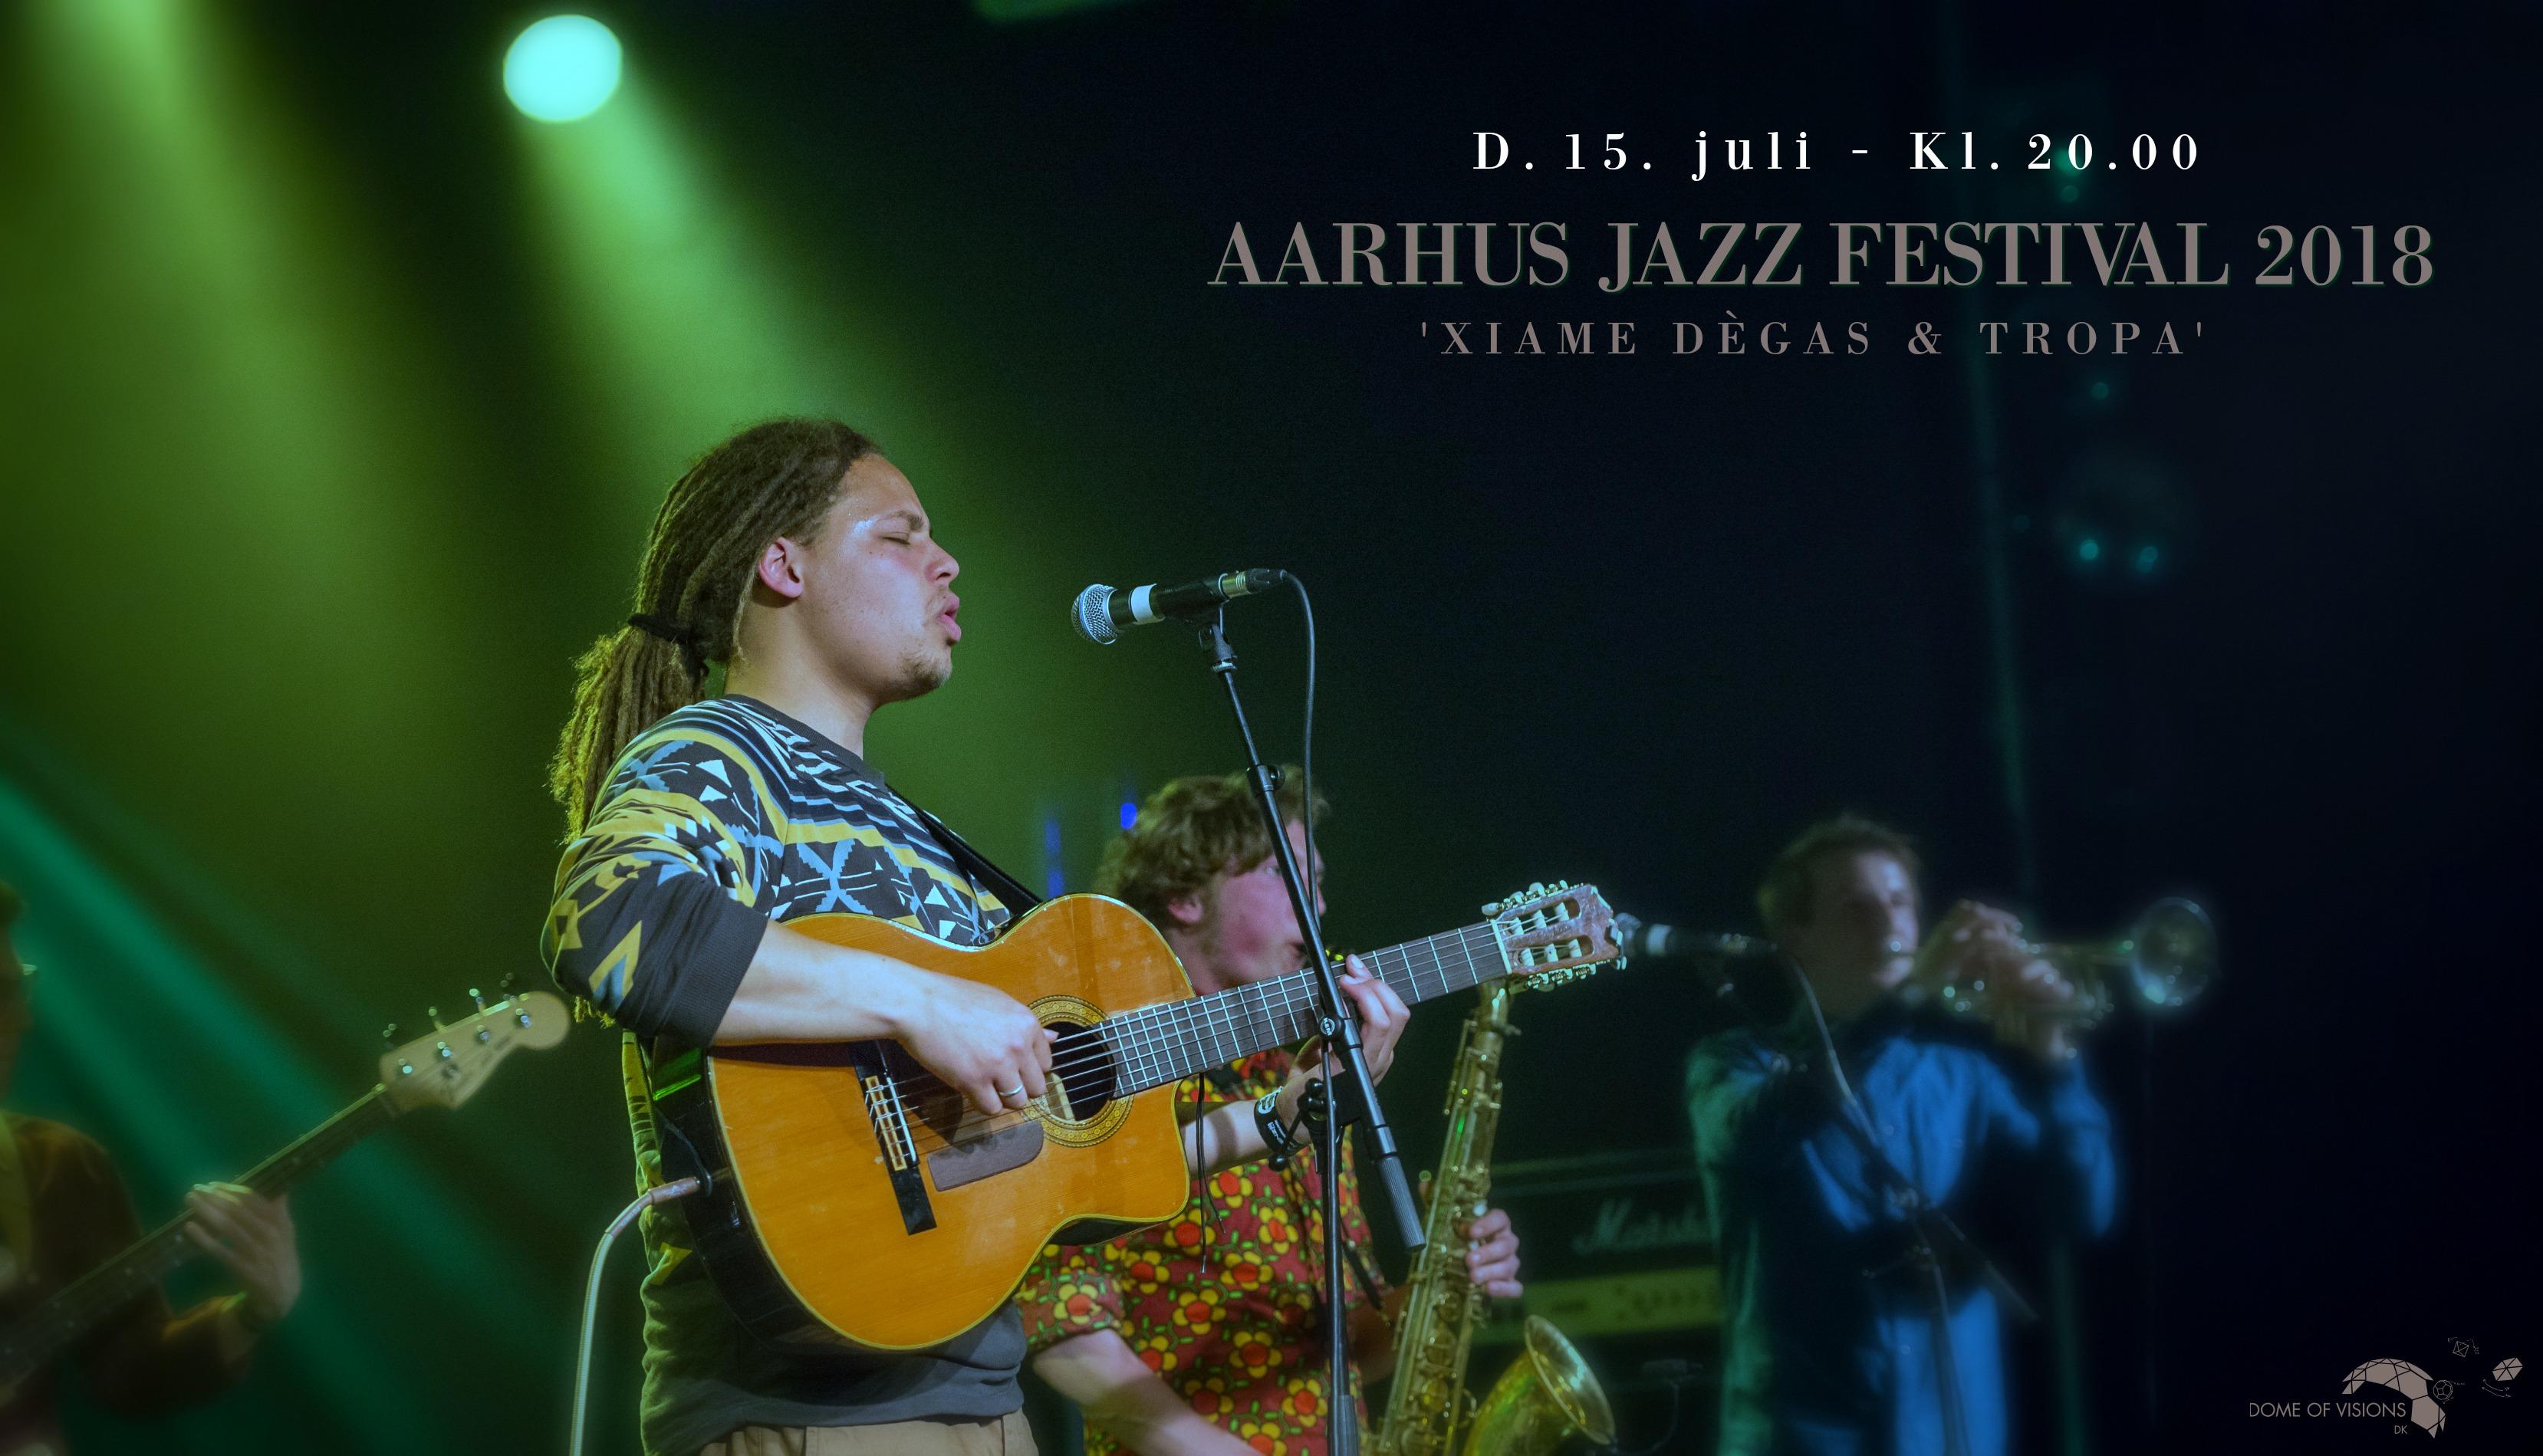 AArhus Jazz Festival 2018 - Dome'en